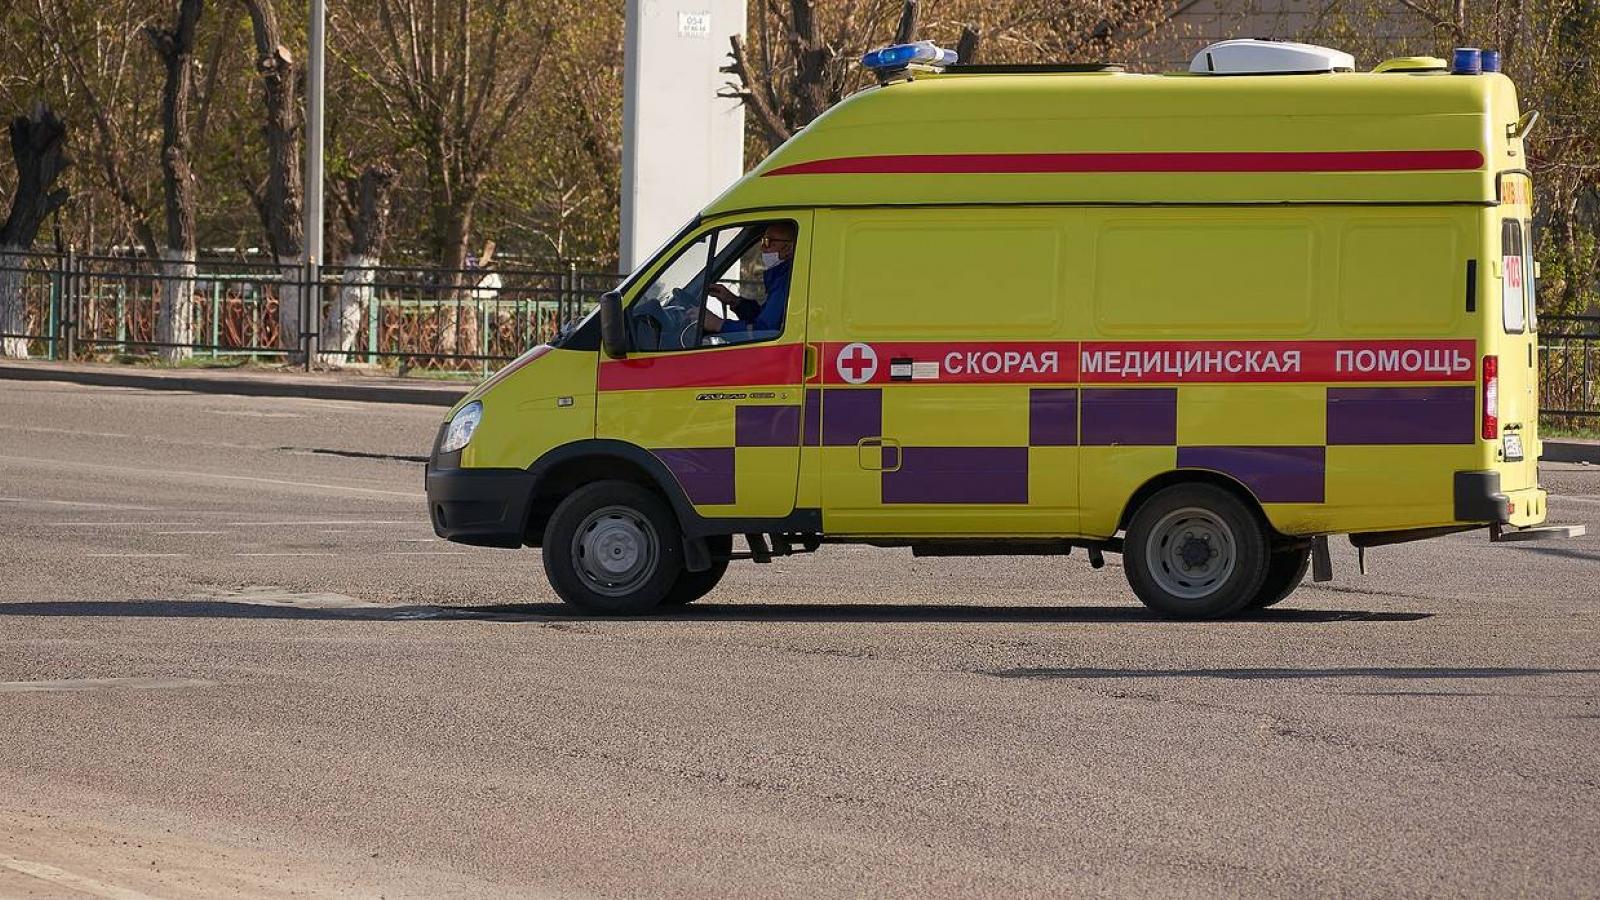 60 người bị thương trong vụ nổ kho đạn ở Kazakhstan